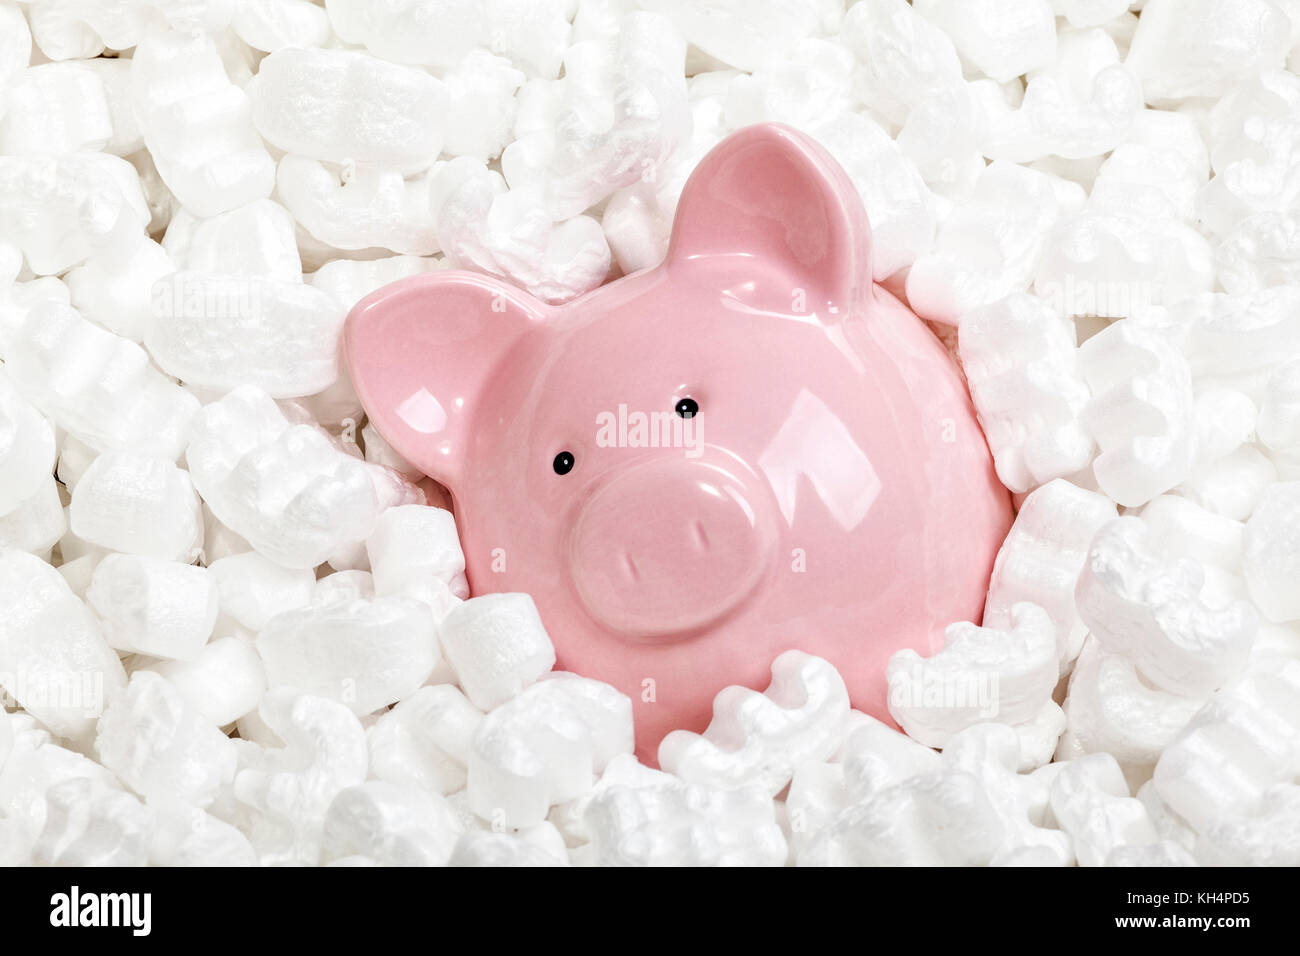 Alcancía y poliestireno cacahuetes antecedentes Imagen De Stock